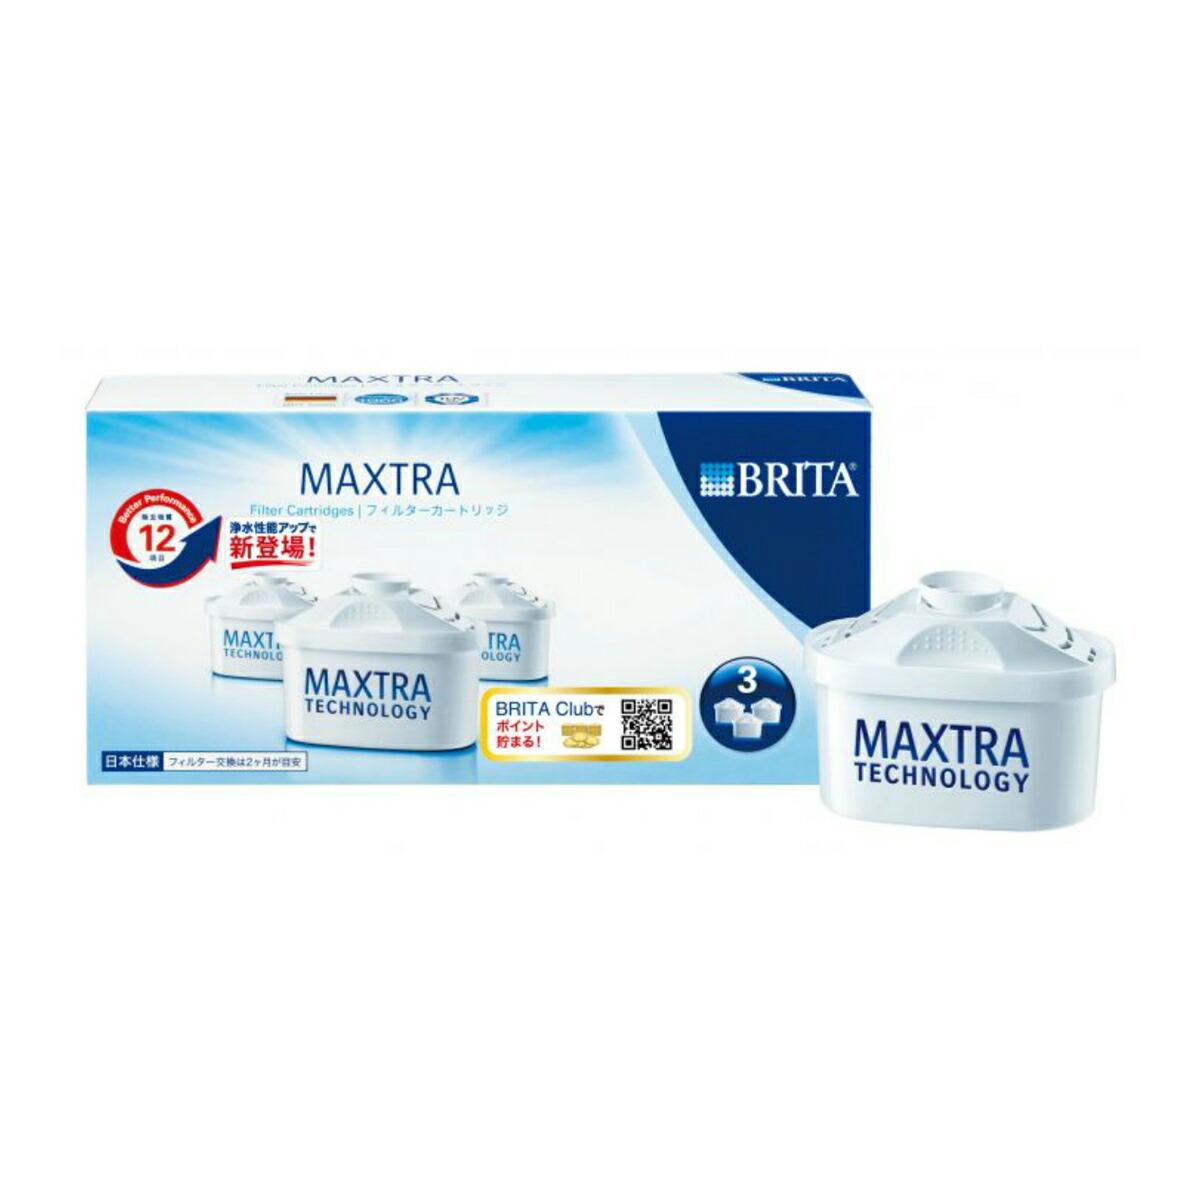 【オープン特価で送料無料】ブリタ ポット型浄水器 マクストラ用 フィルターカートリッジ(3個セット) BJ-NM3  ※通常約2~5営業日での出荷予定